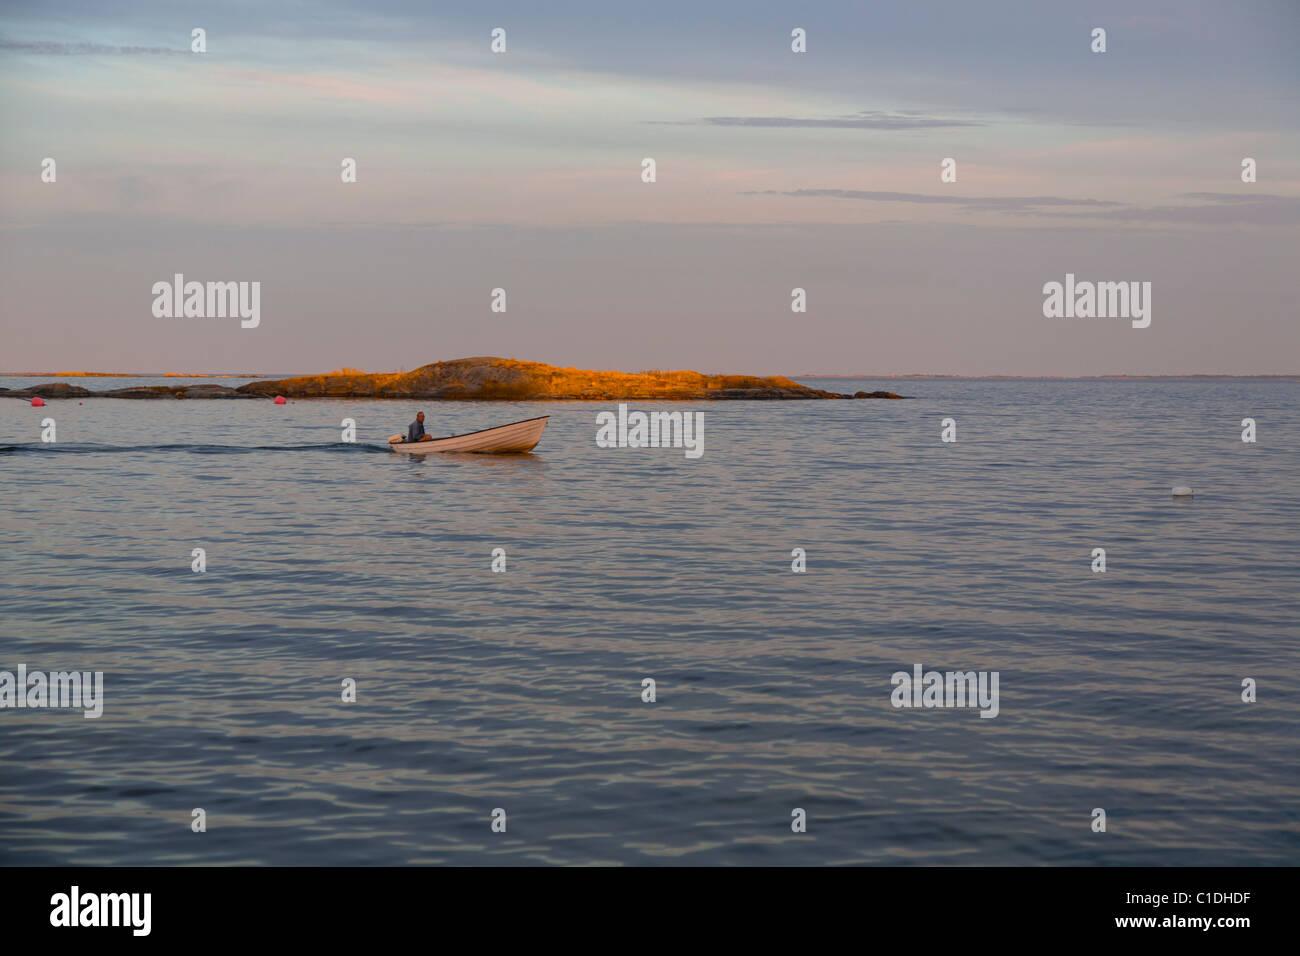 Boat in the 'Archipelago of Stockholm', Sweden. - Stock Image